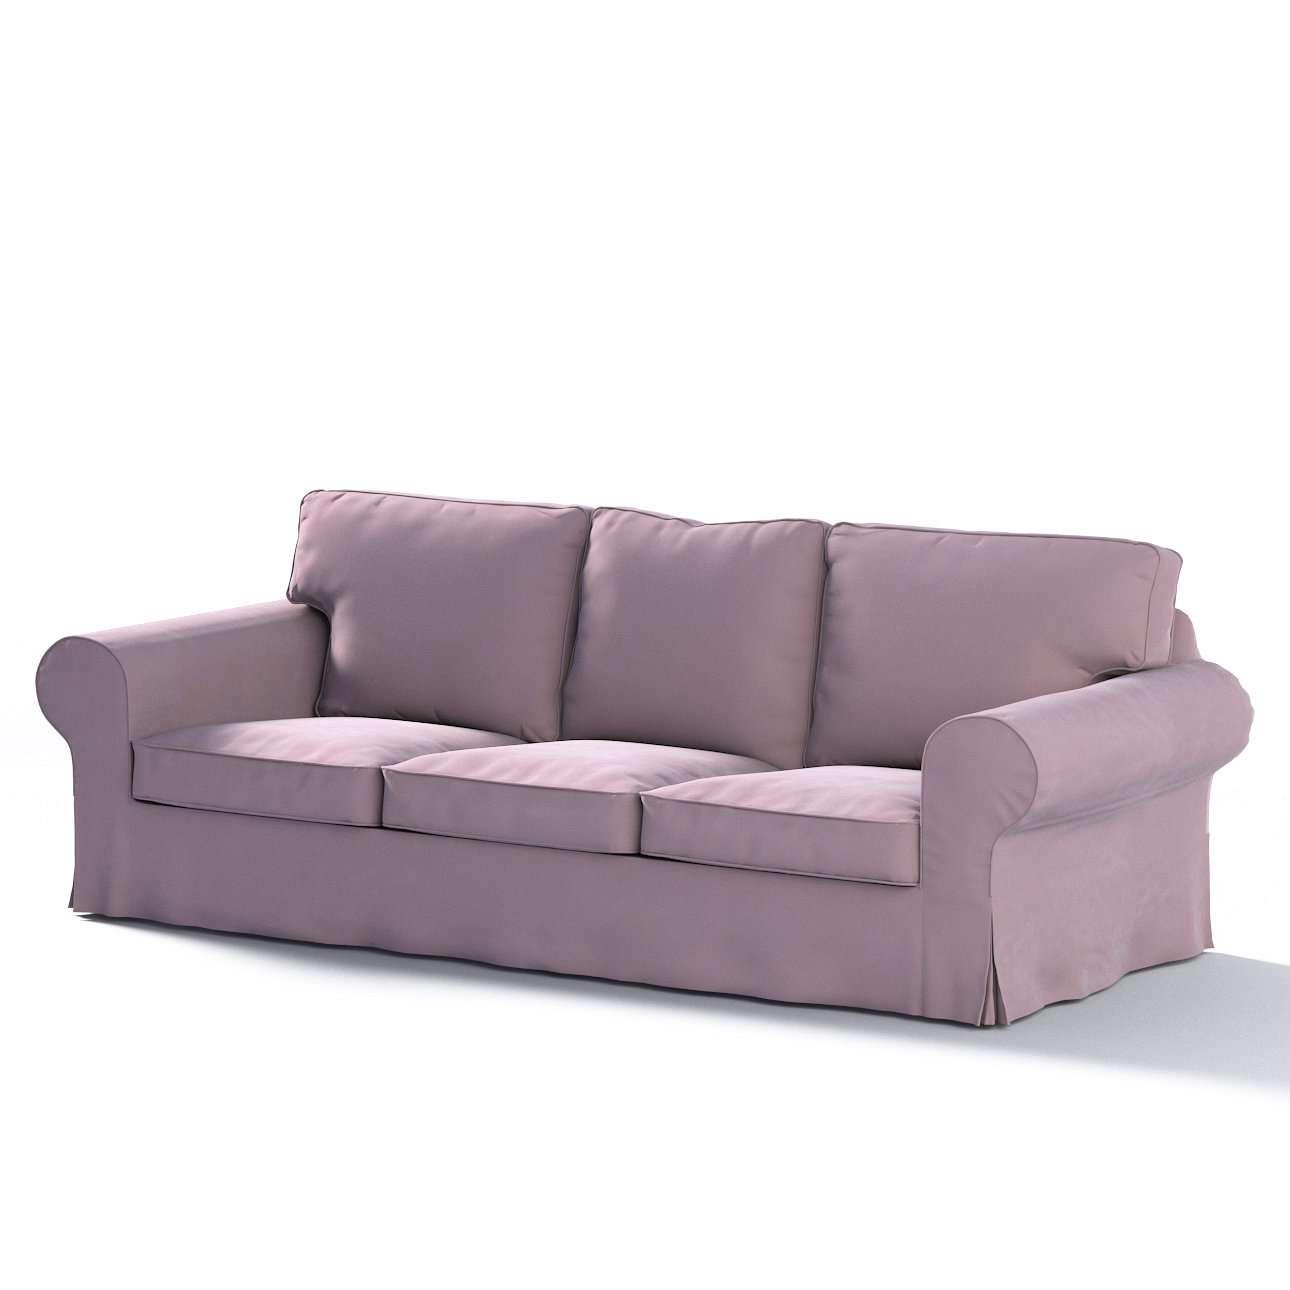 Ektorp 3-Sitzer Schlafsofabezug, ALTES Modell, rosa, Sofahusse Ektorp 3-Sitzer Schlafsofa, Velvet | Heimtextilien > Hussen und Überwürfe | Dekoria